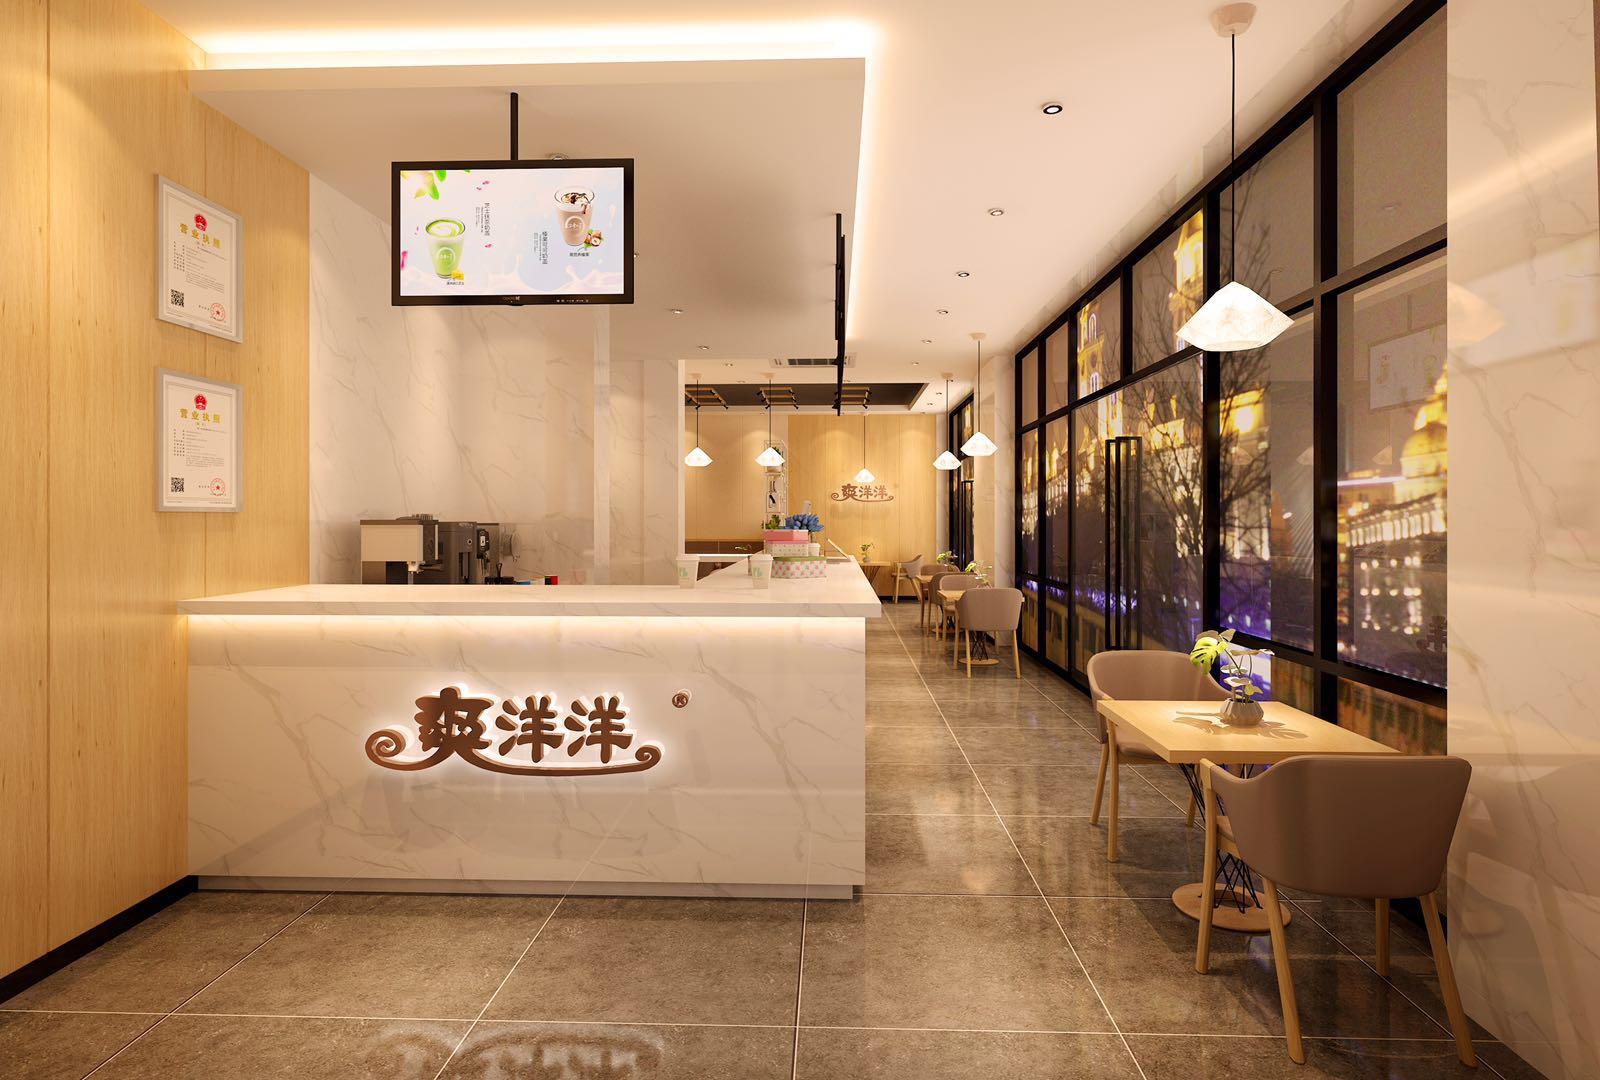 奶茶加盟店如何满足客户需求?奶茶店加盟后如何吸引回头客?